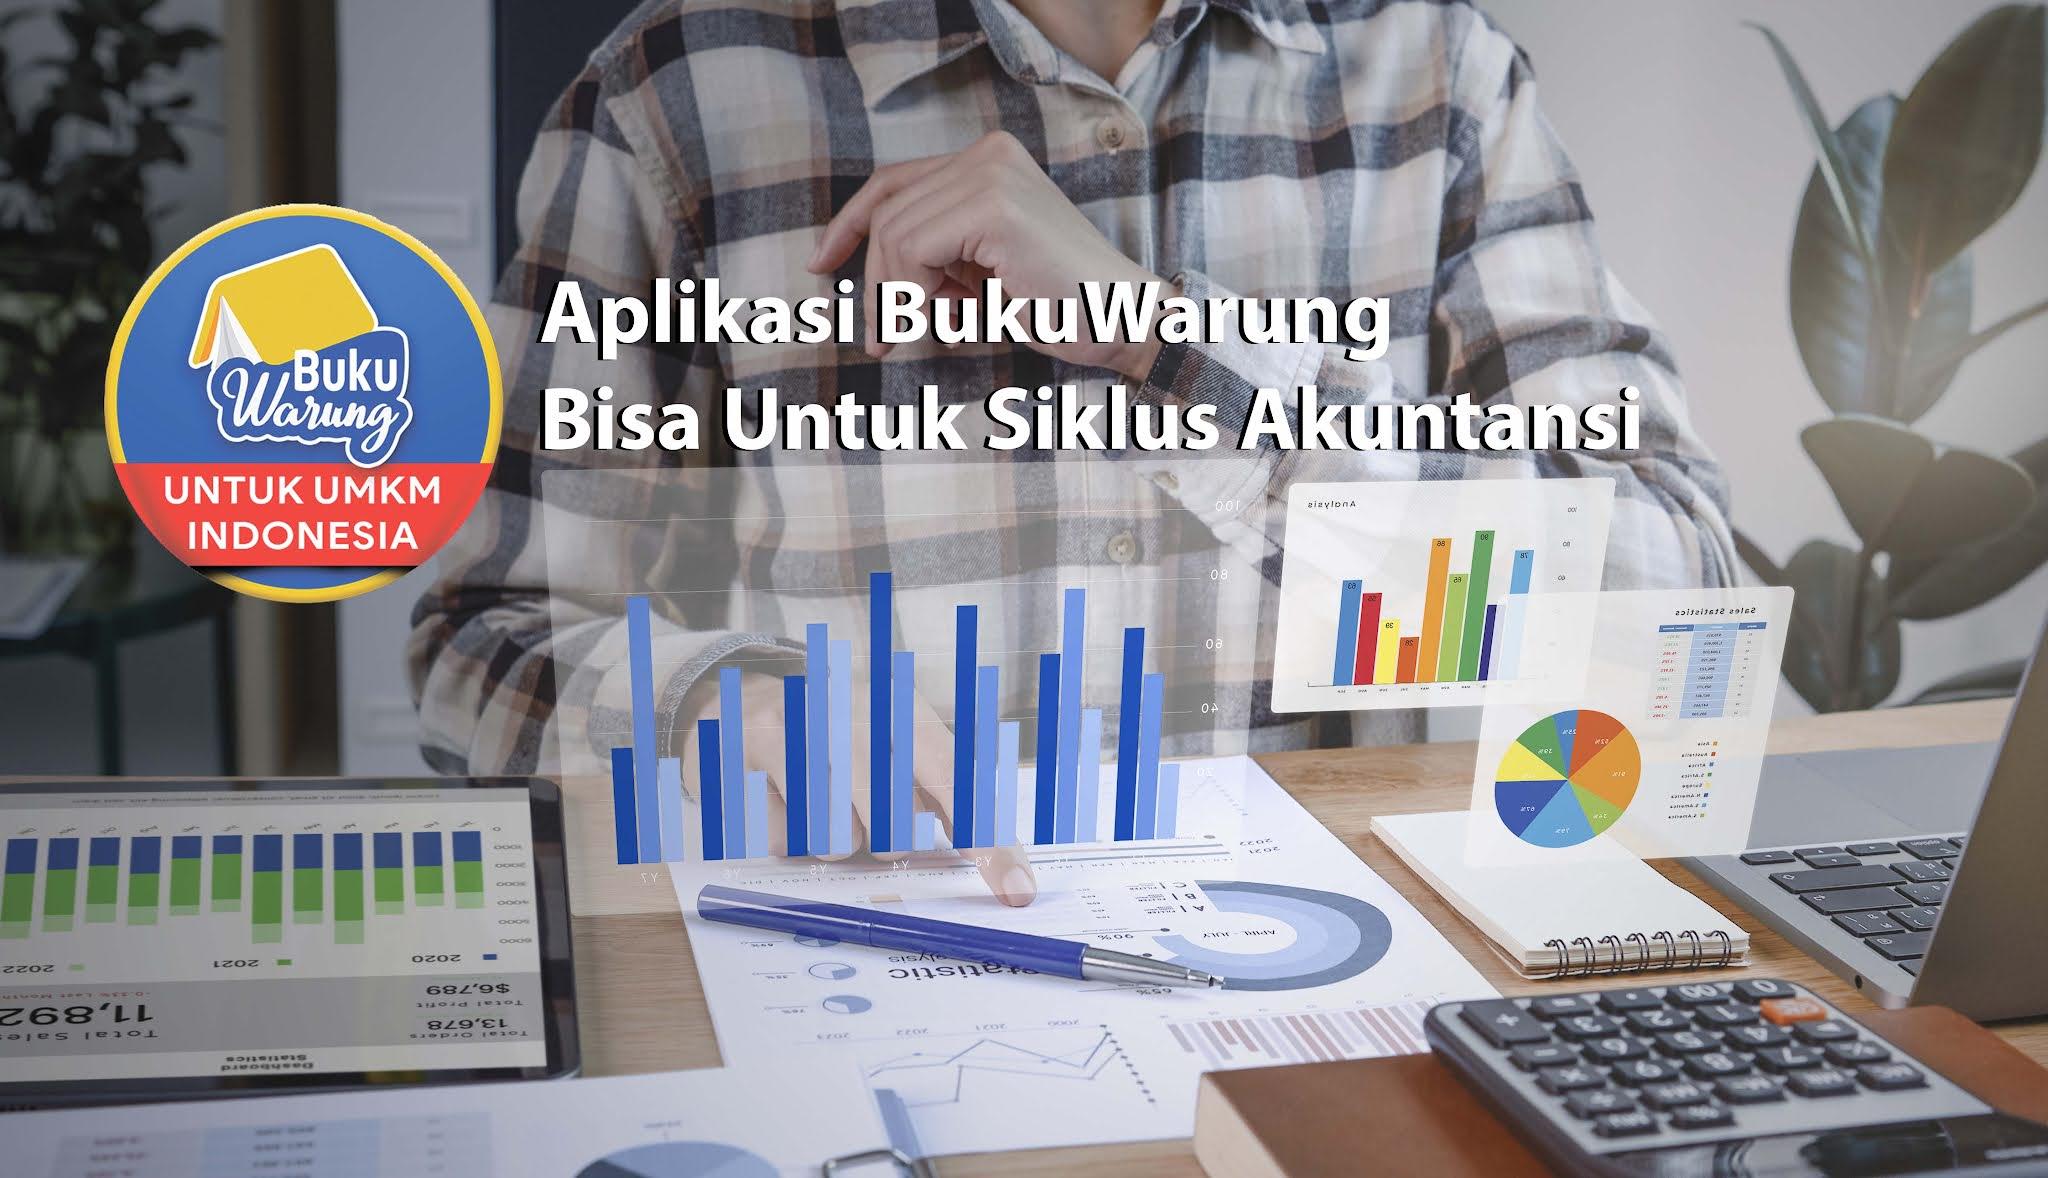 Aplikasi BukuWarung Bisa Digunakan Untuk Siklus Akuntansi